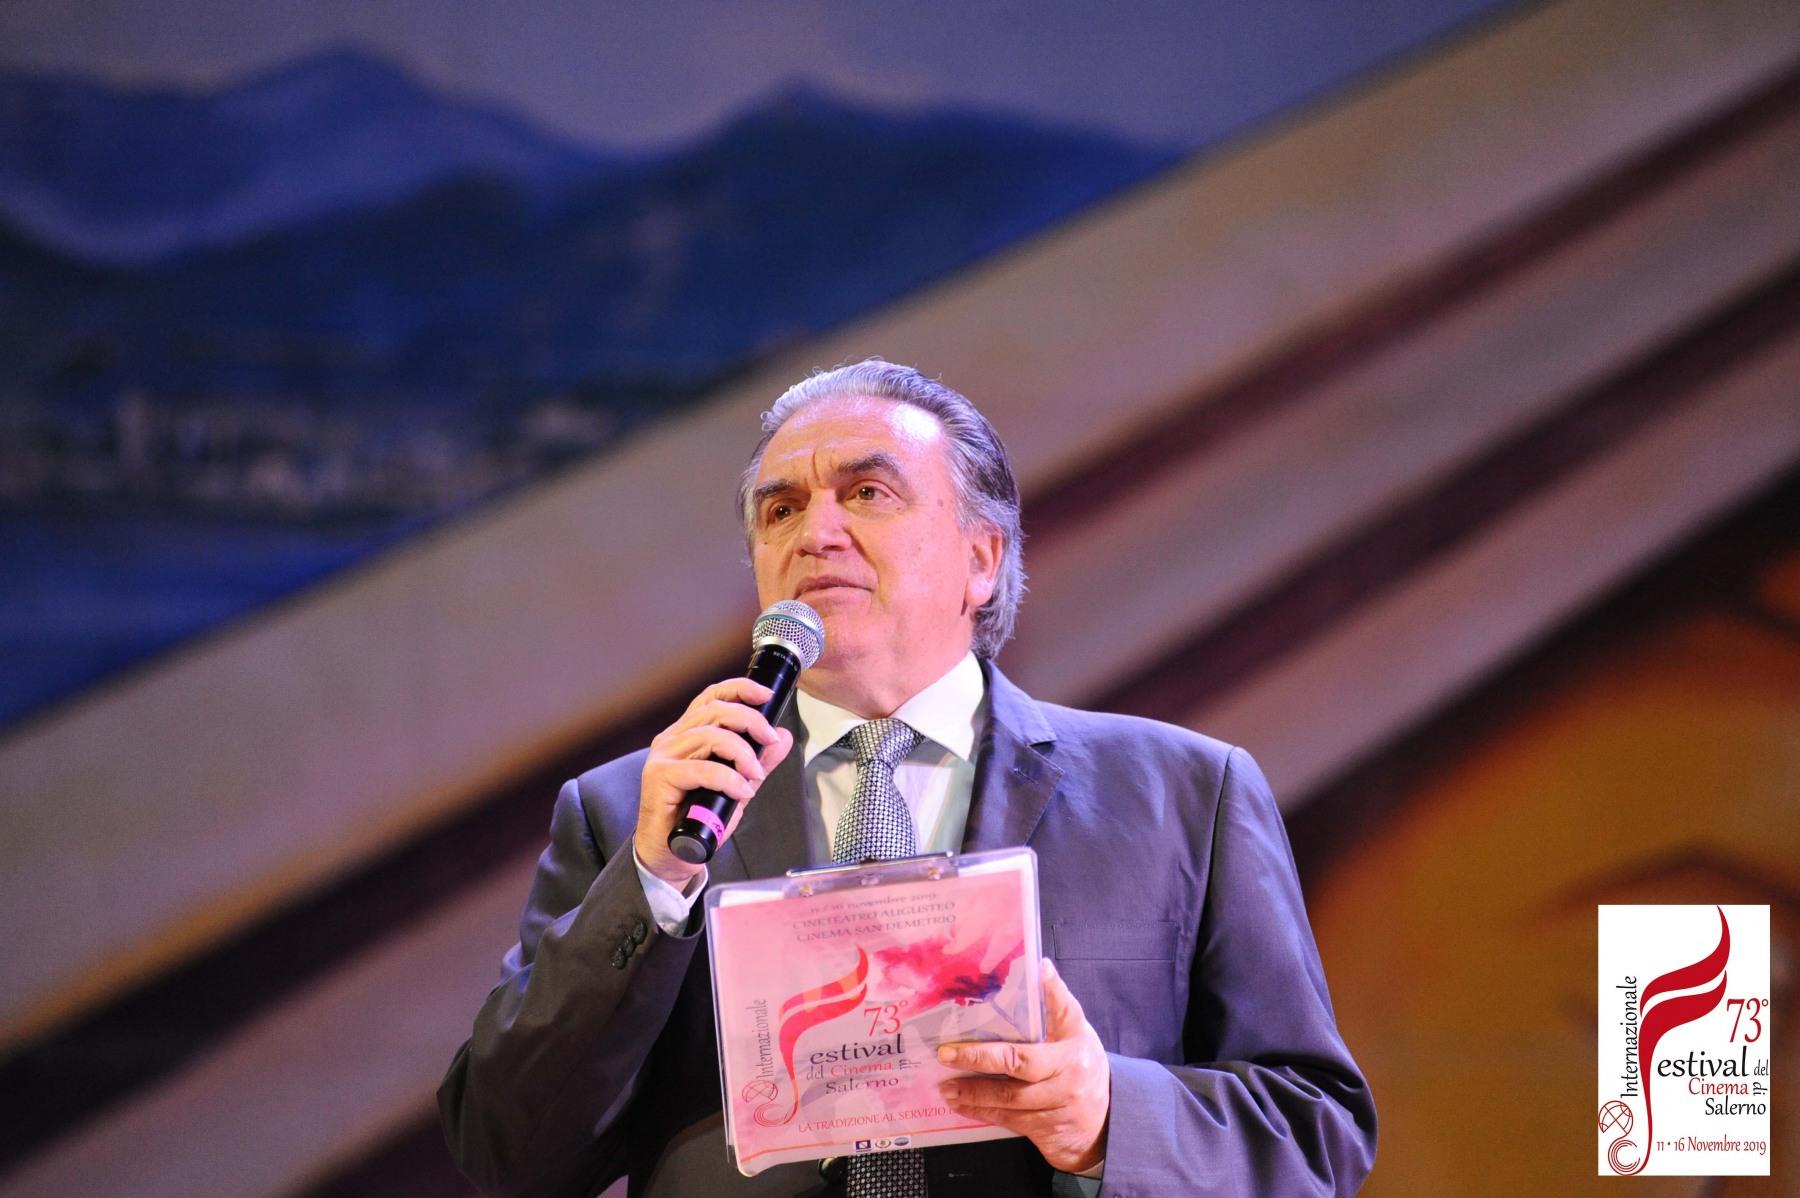 Gaetano-Stella